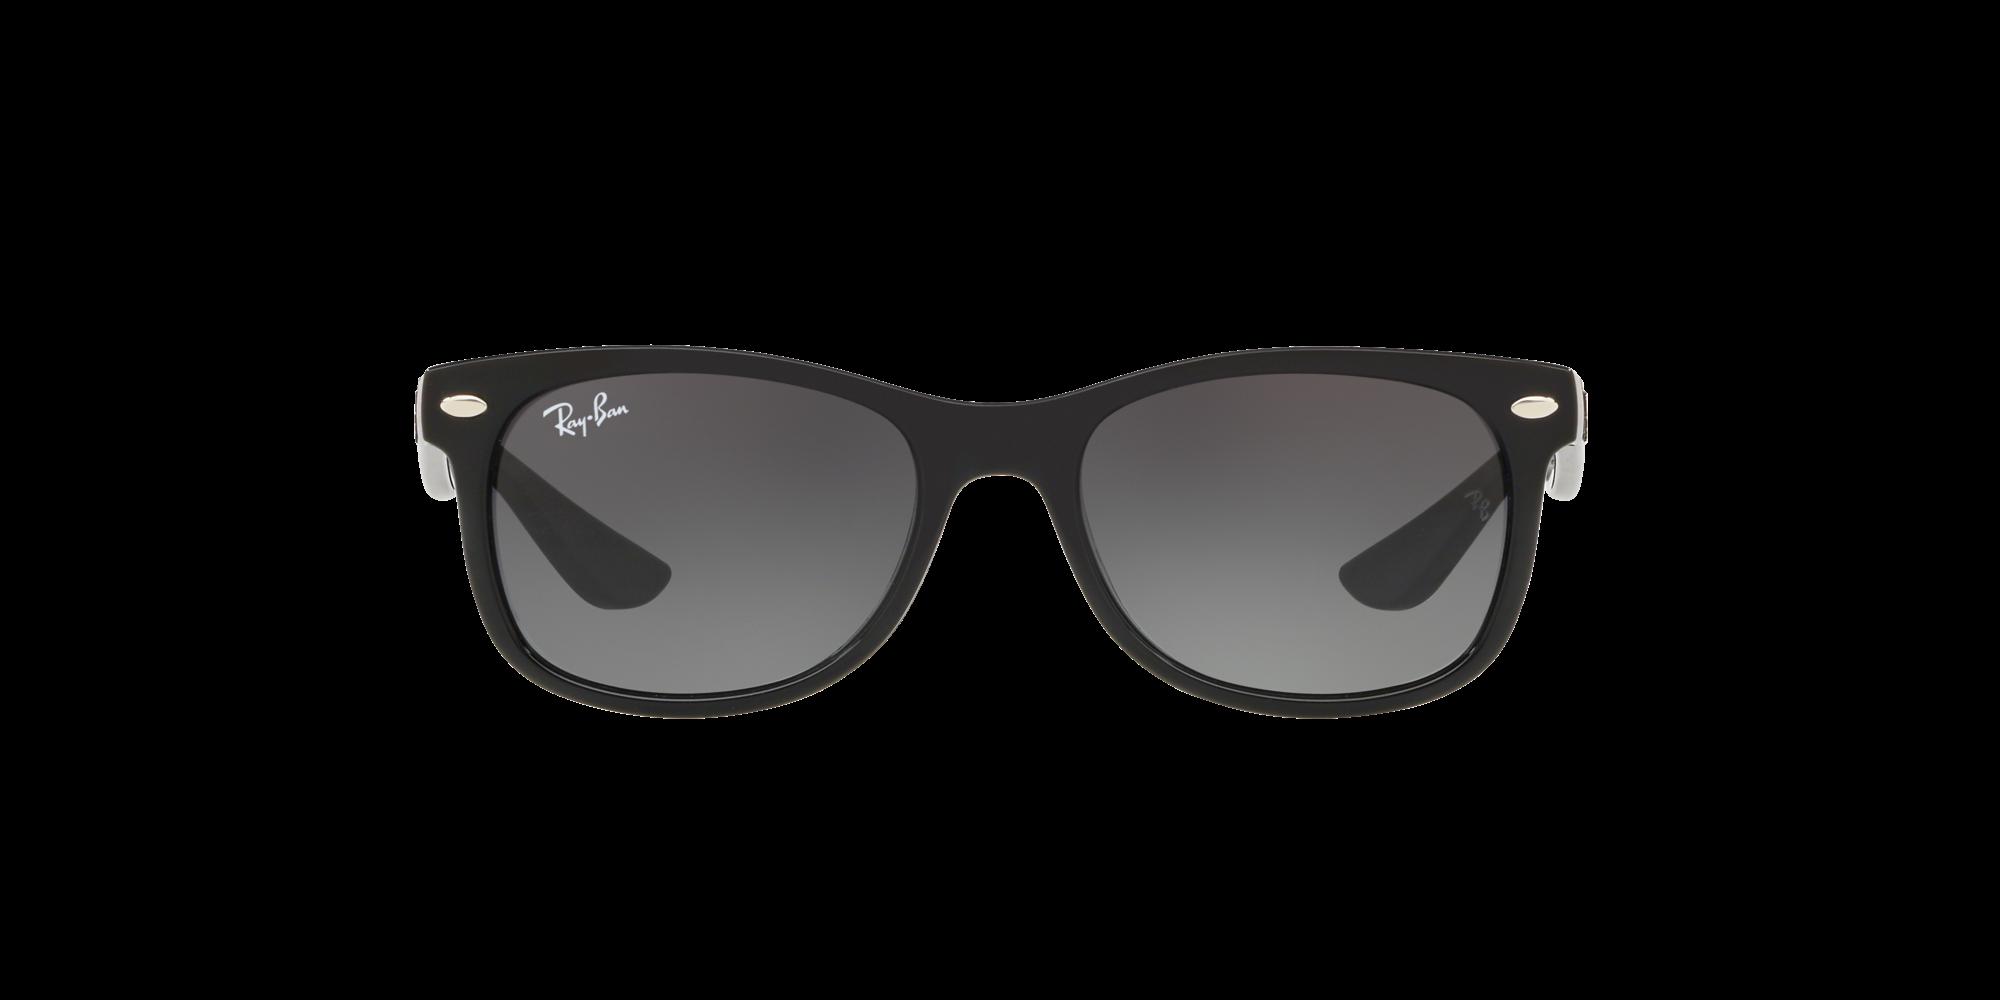 Lunettes de soleil Ray-Ban Wayfarer Noir RJ9052S 100 11 48-16 Junior  Dégradés 66261d6c108c